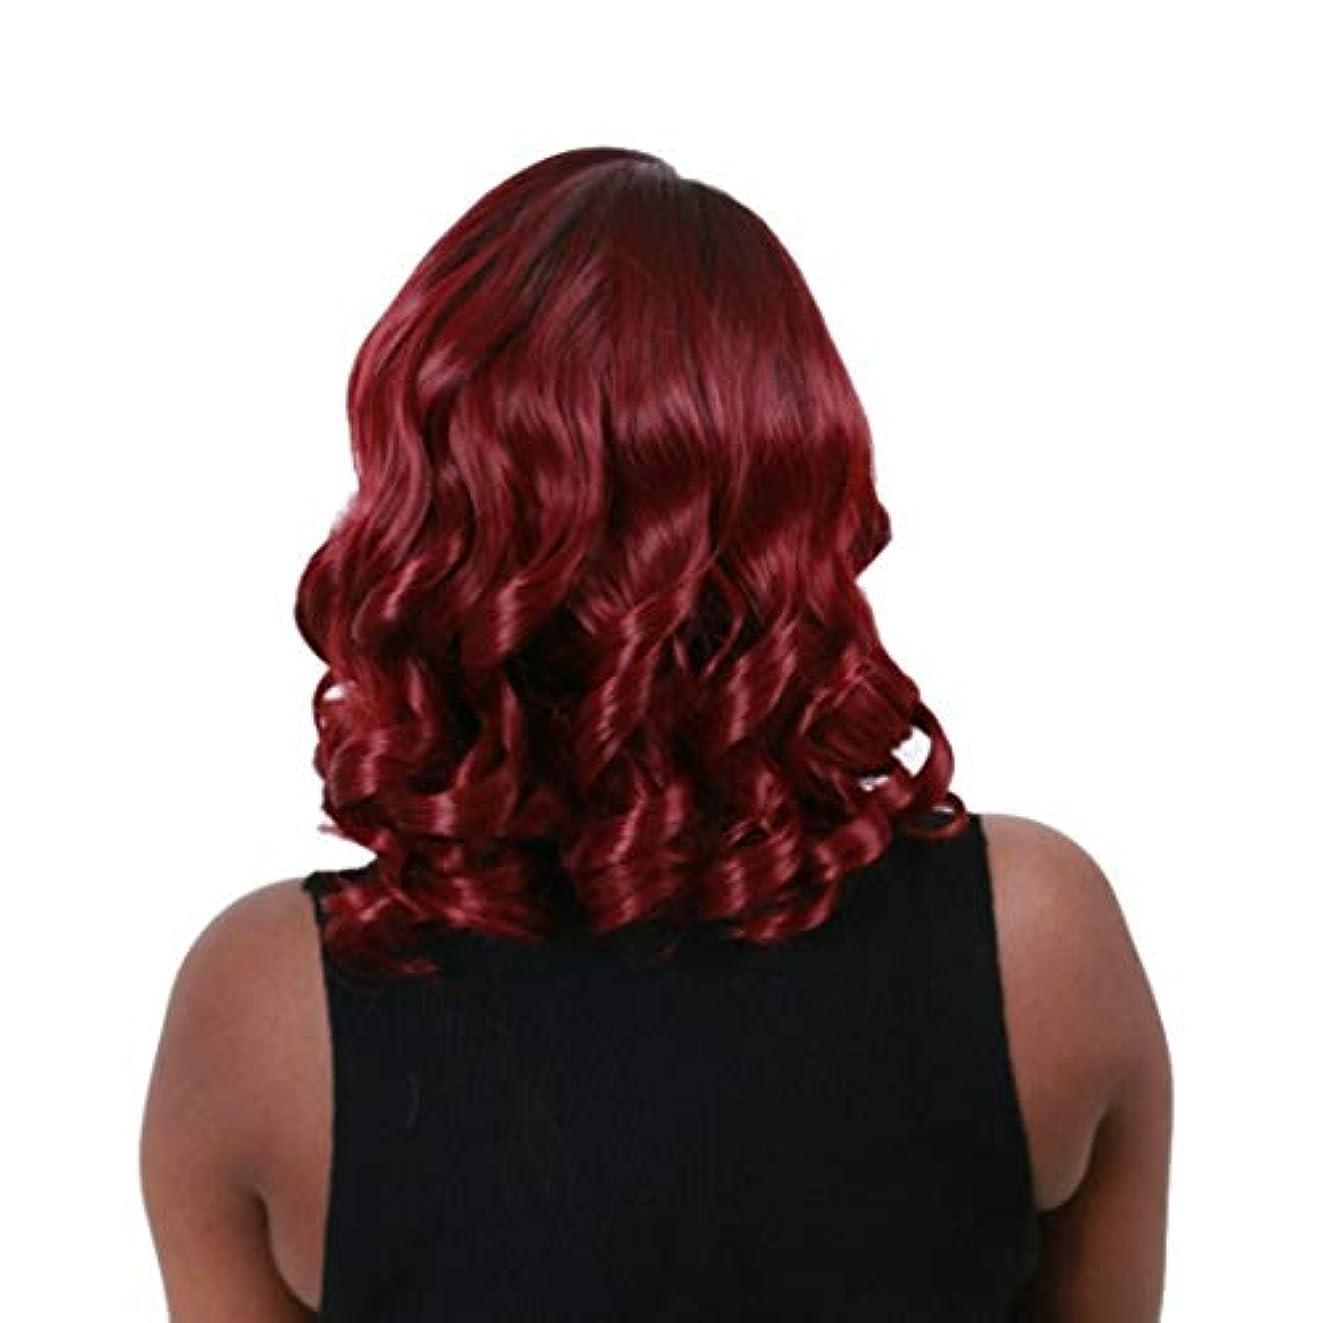 制約悲観的スコットランド人Kerwinner かつら女性のための傾斜前髪ショートカーリーヘアーワインレッド高温シルクウィッグ